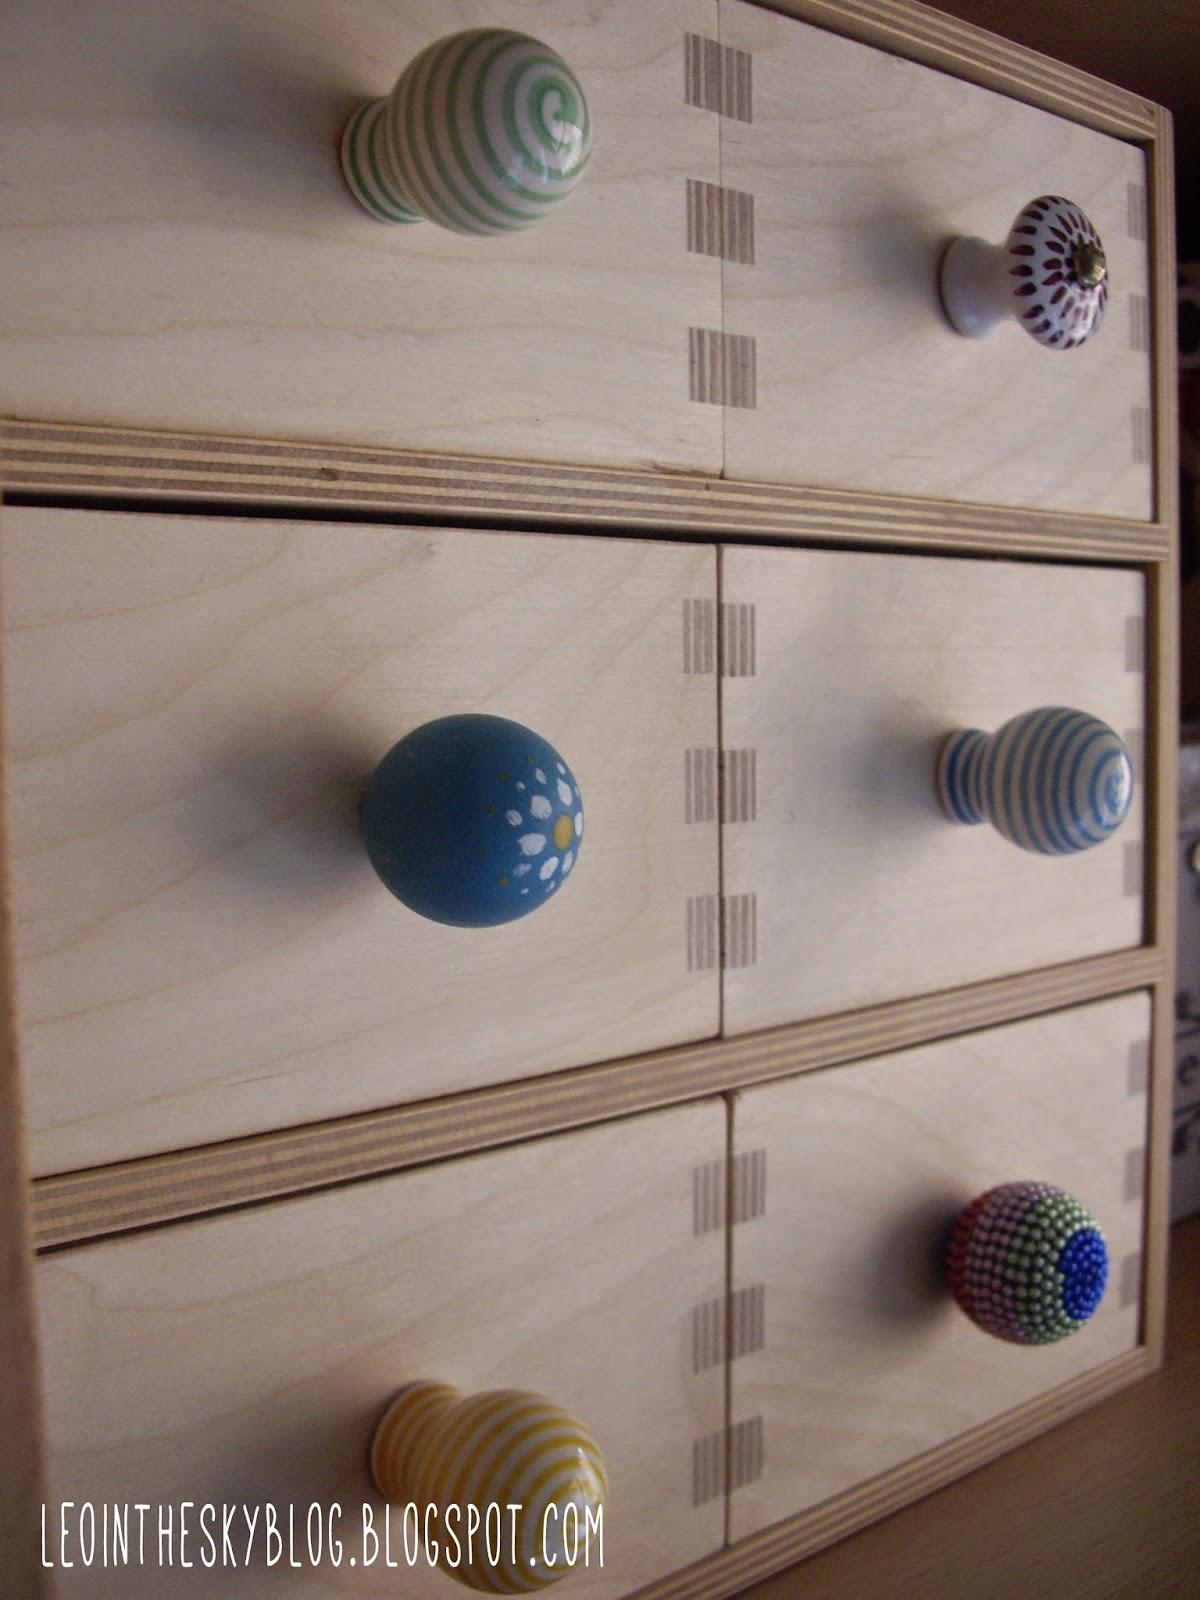 Ikea tiradores infantiles ideas de disenos - Pomos y tiradores infantiles ...